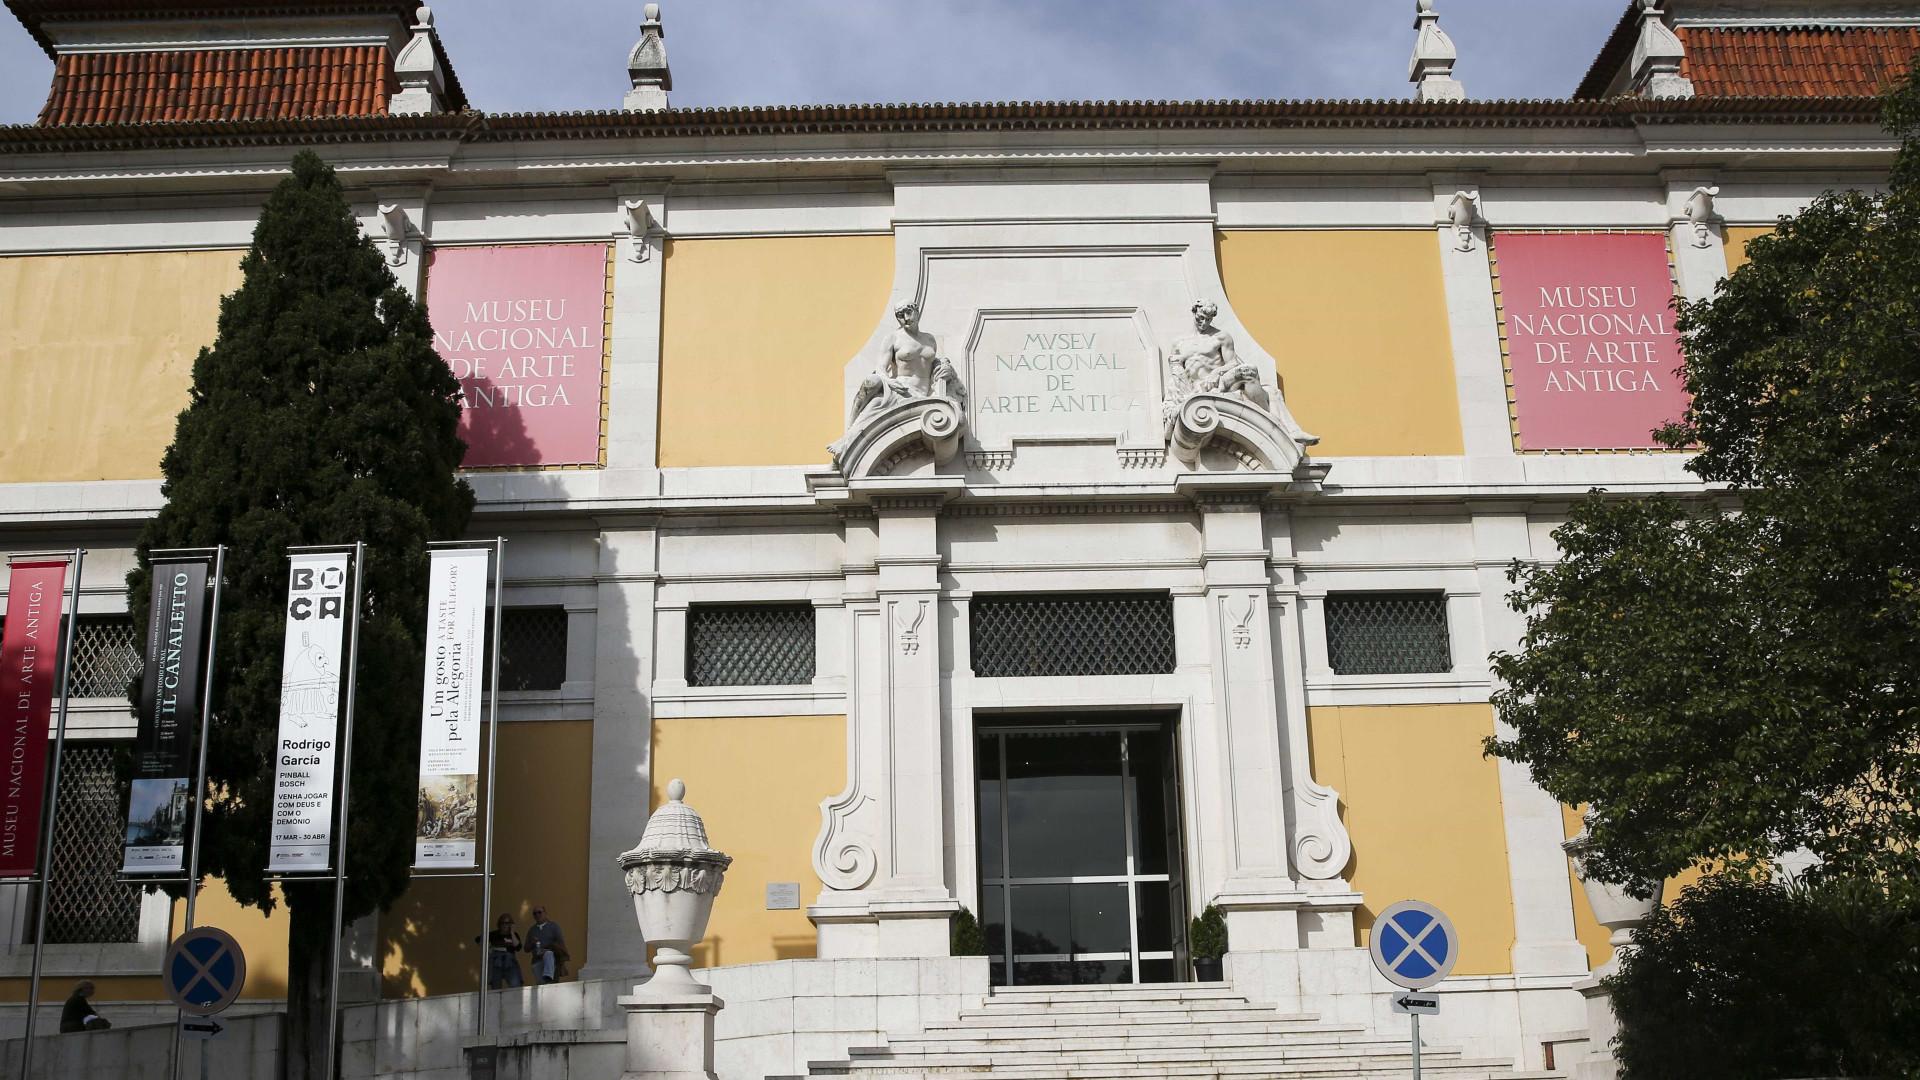 Museu de Arte Antiga exibe pintura de Luca Giordano 'A Rendição'